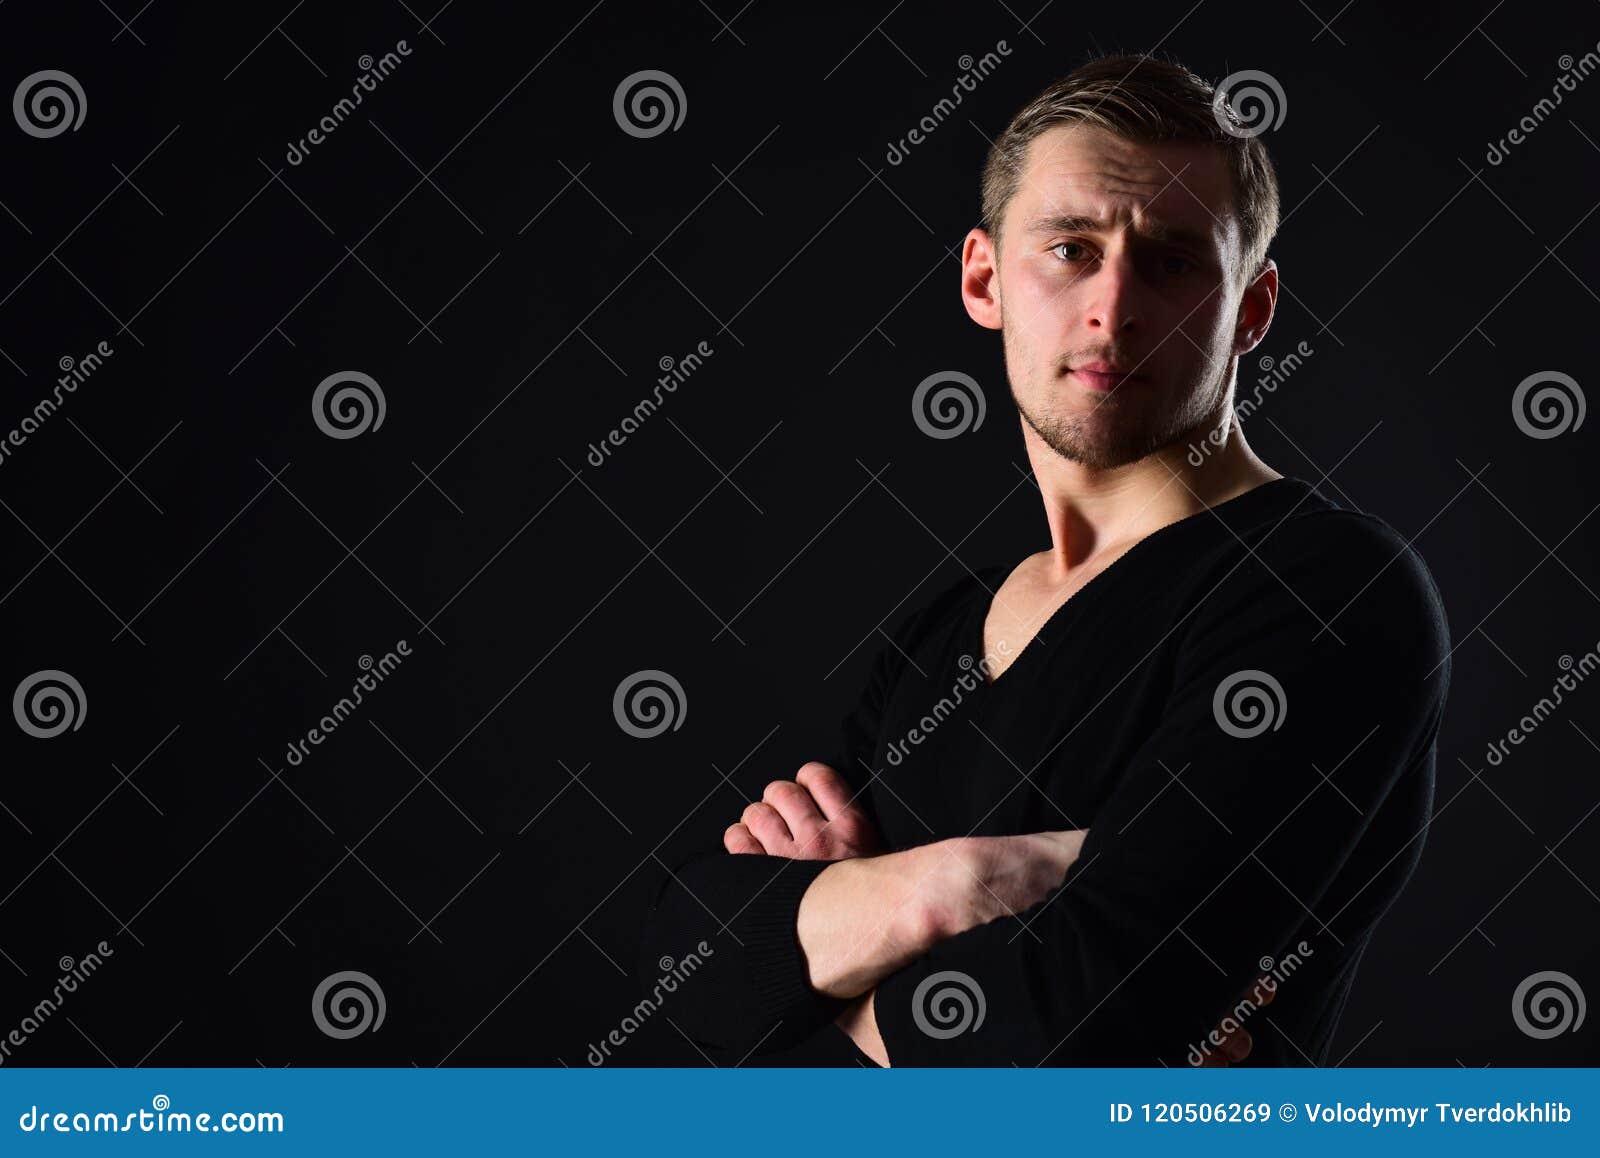 Concepto de la perfección diseñe la perfección del hombre atractivo aislada en fondo negro, copie el espacio Sr. perfection perfe